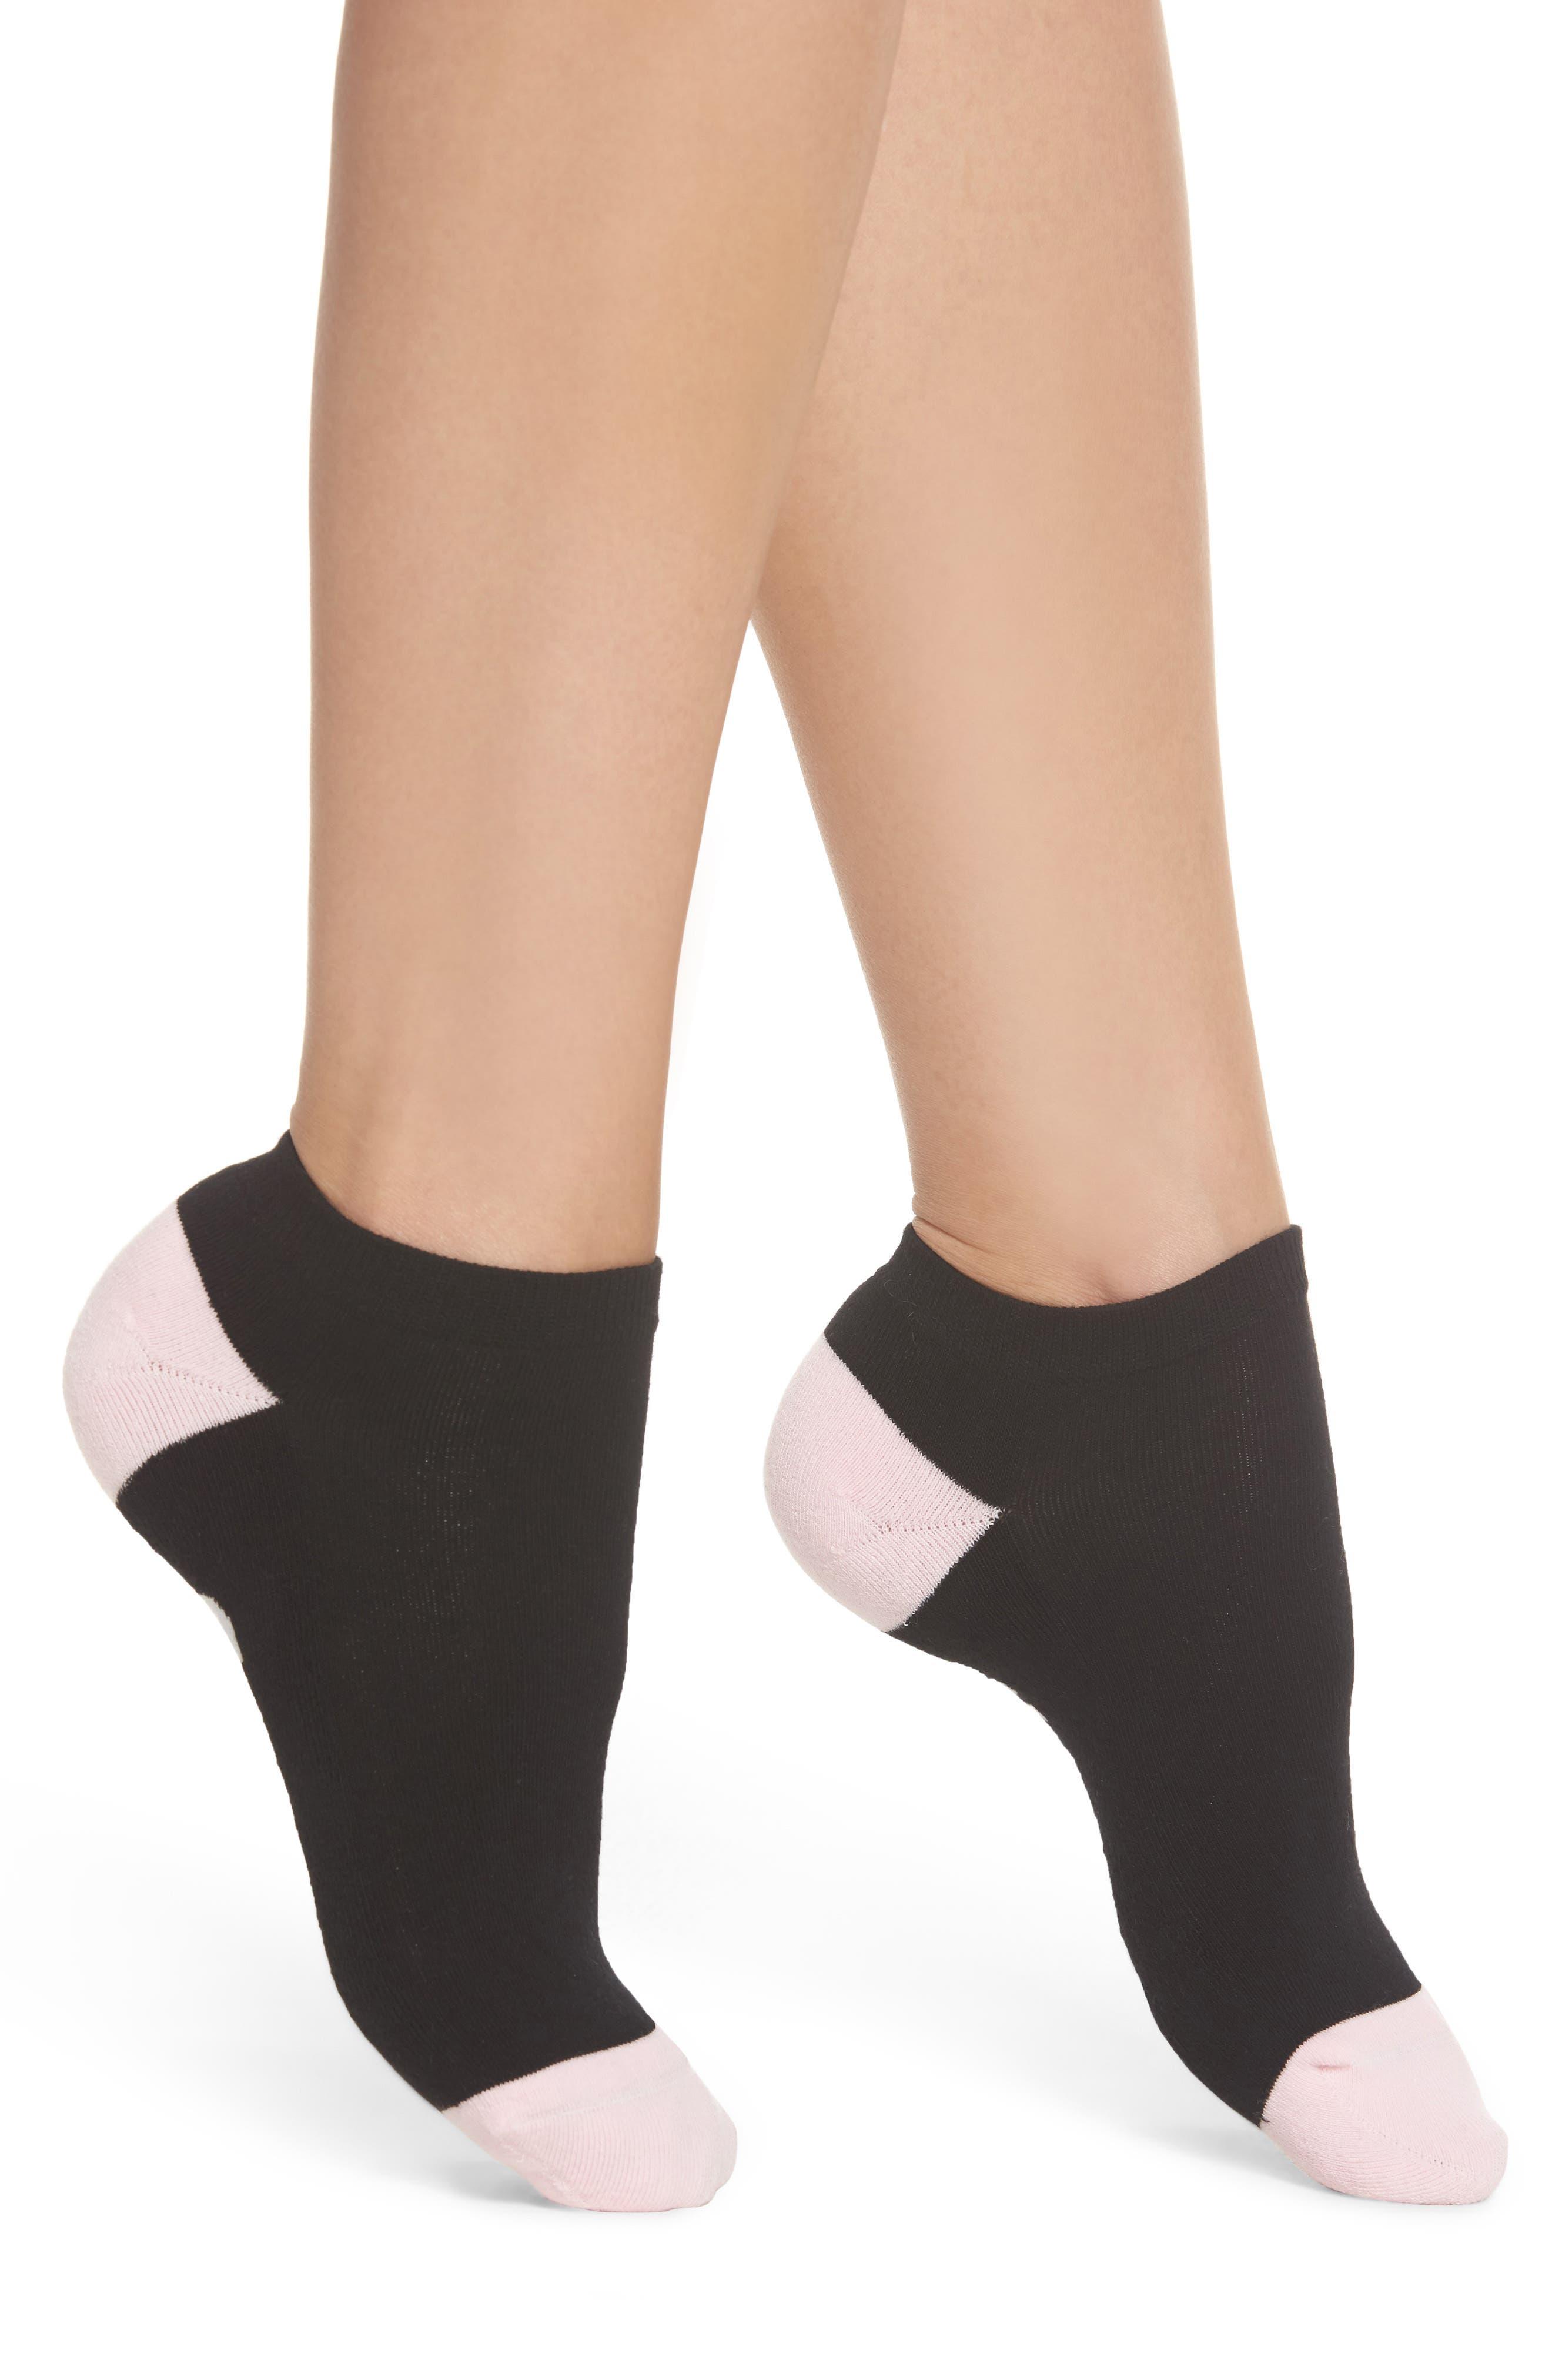 Dog Mom Ankle Socks,                         Main,                         color, 001